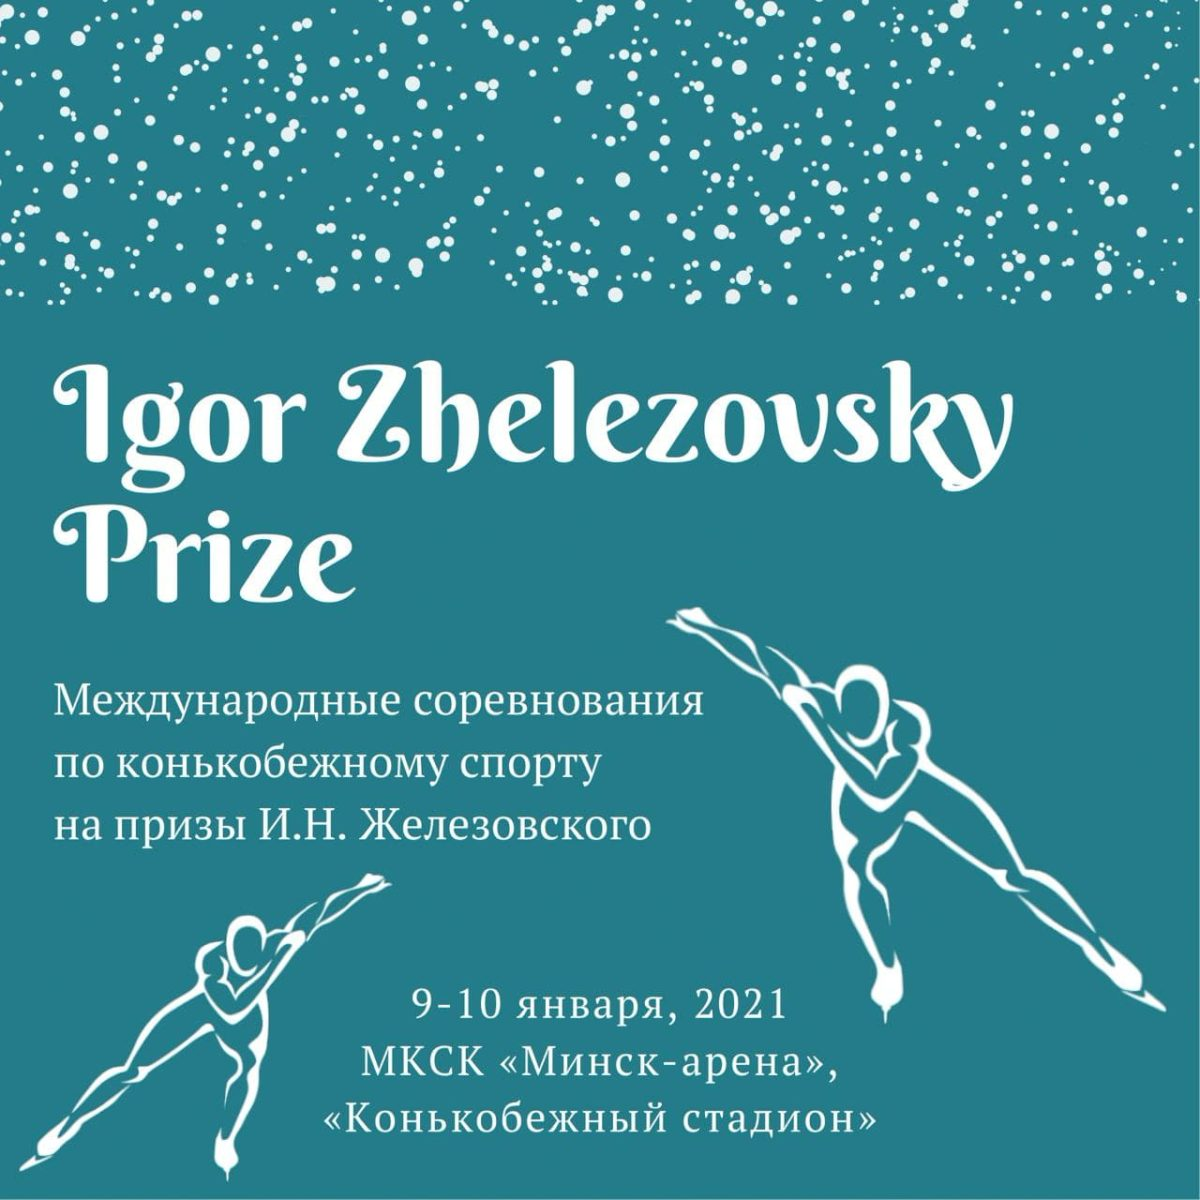 Международные соревнования по конькобежному спорту на призы И.Н. Железовского